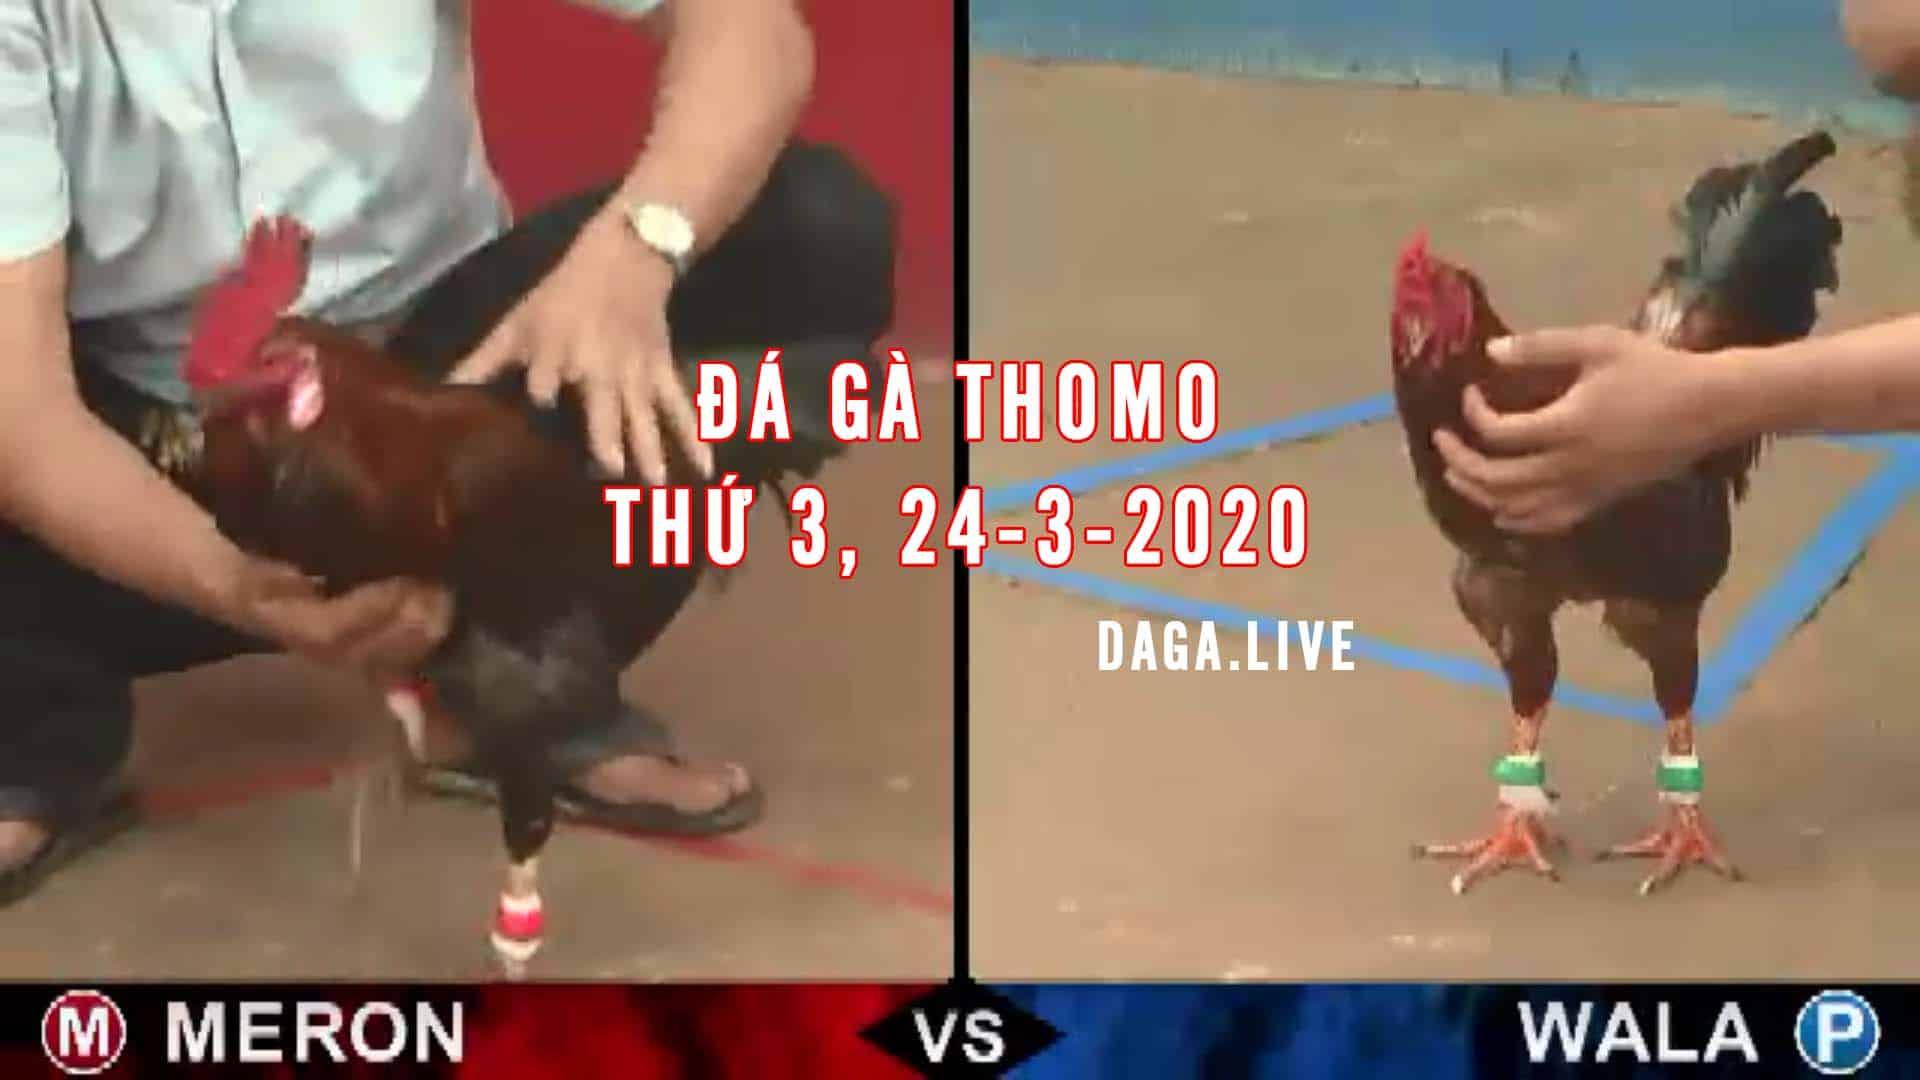 DAGA.LIVE - Đá gà thomo hôm nay, đá gà trực tiếp, đá gà campuchia, đá gà cựa sắt thứ 3 ngày 24-3-2020